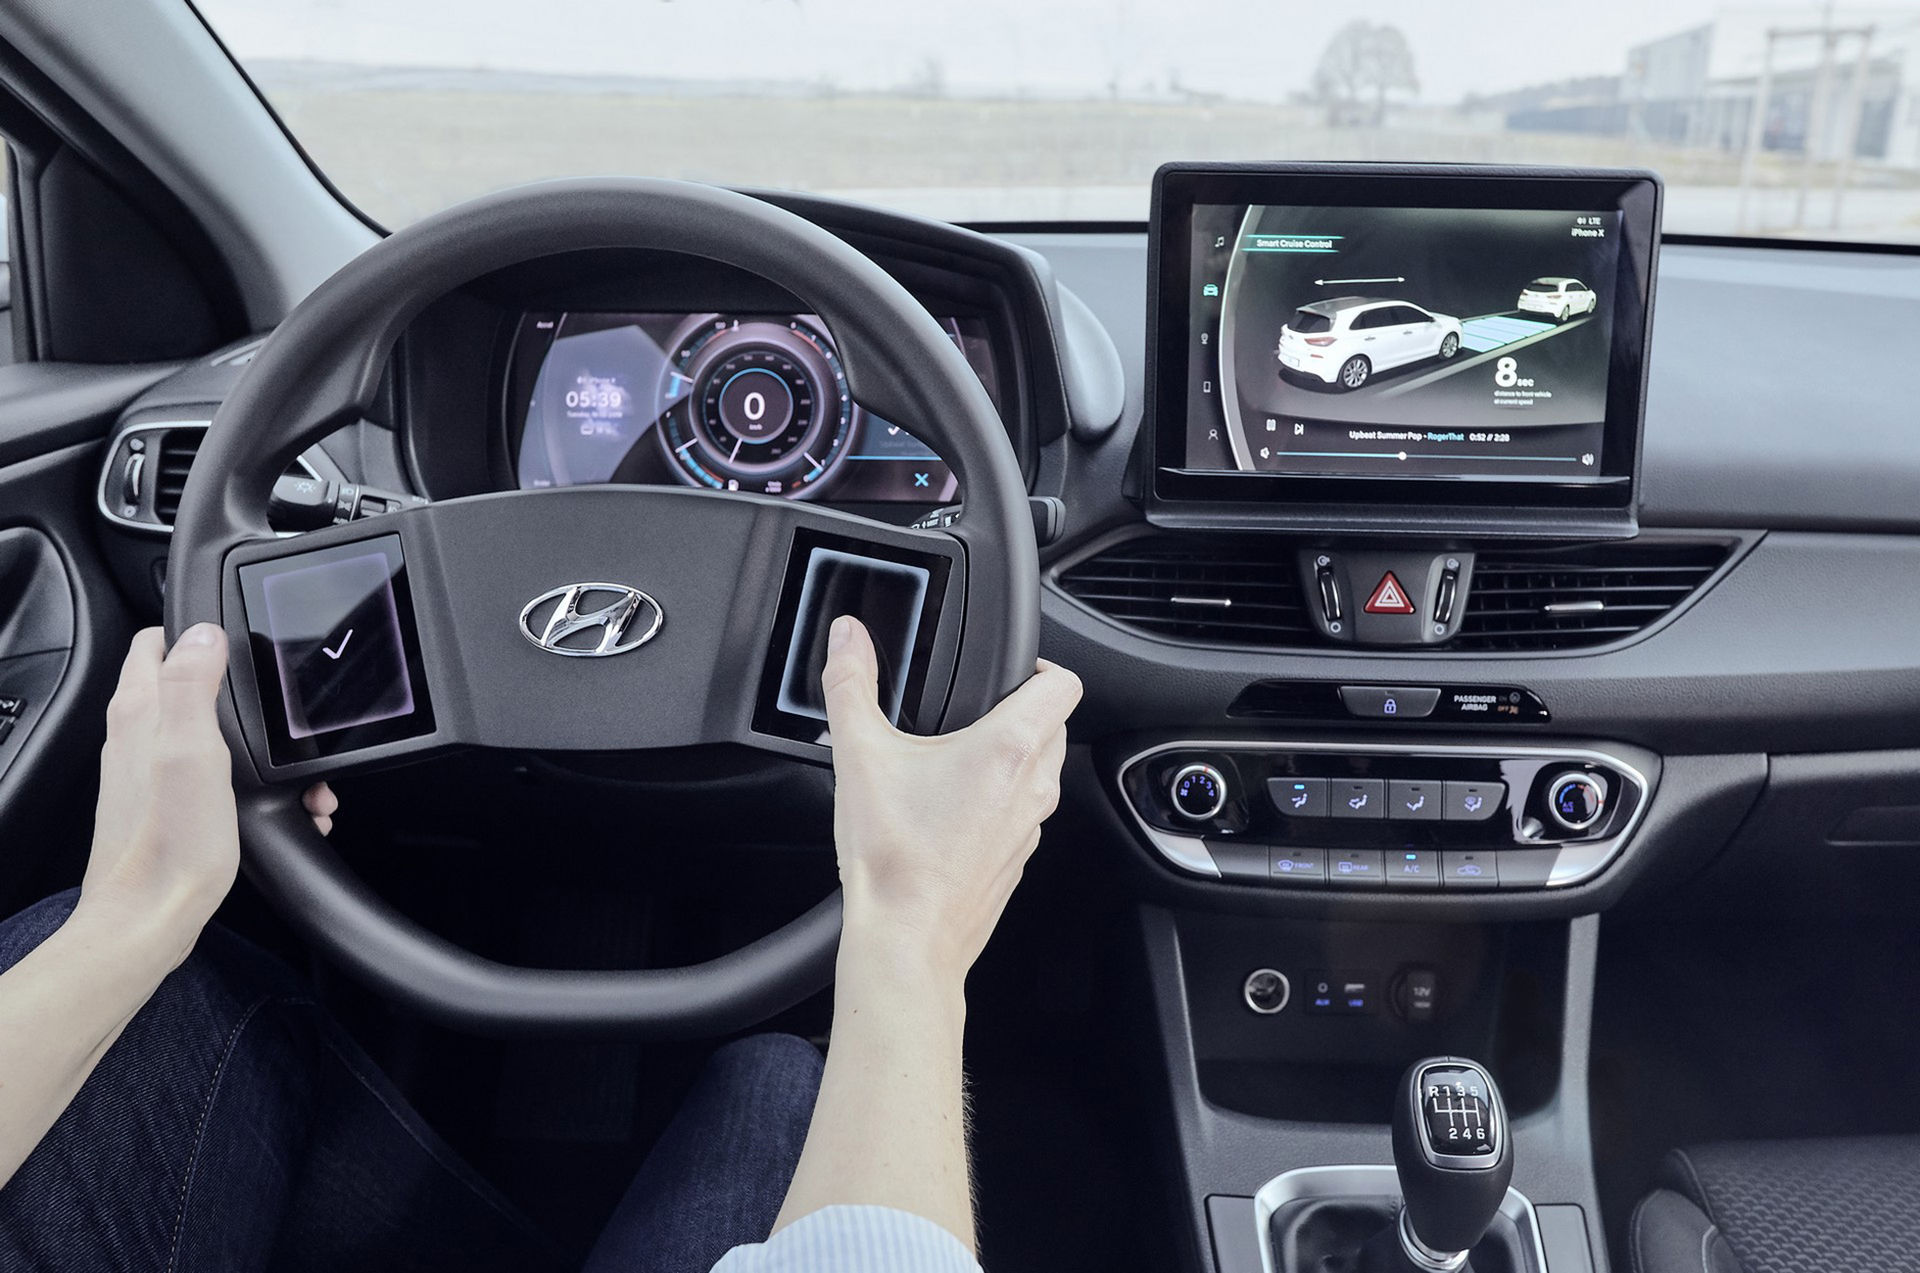 Hyundai visar ratt med stora pekskärmar